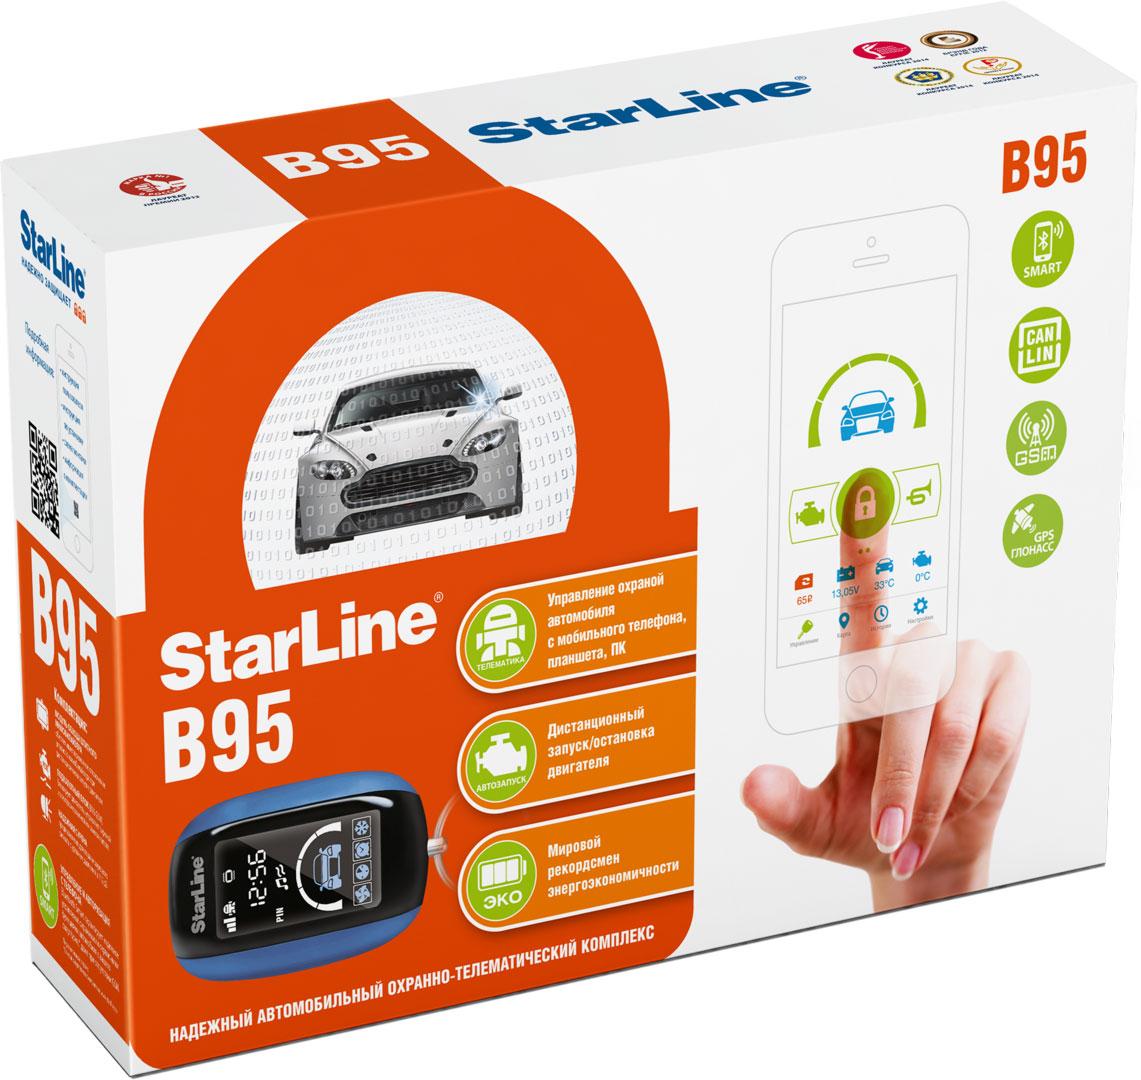 Автосигнализация StarLine B95 BT GSM GPS/ Сигнализация Старлайн В95 ВТ ЖСМ ЖПС